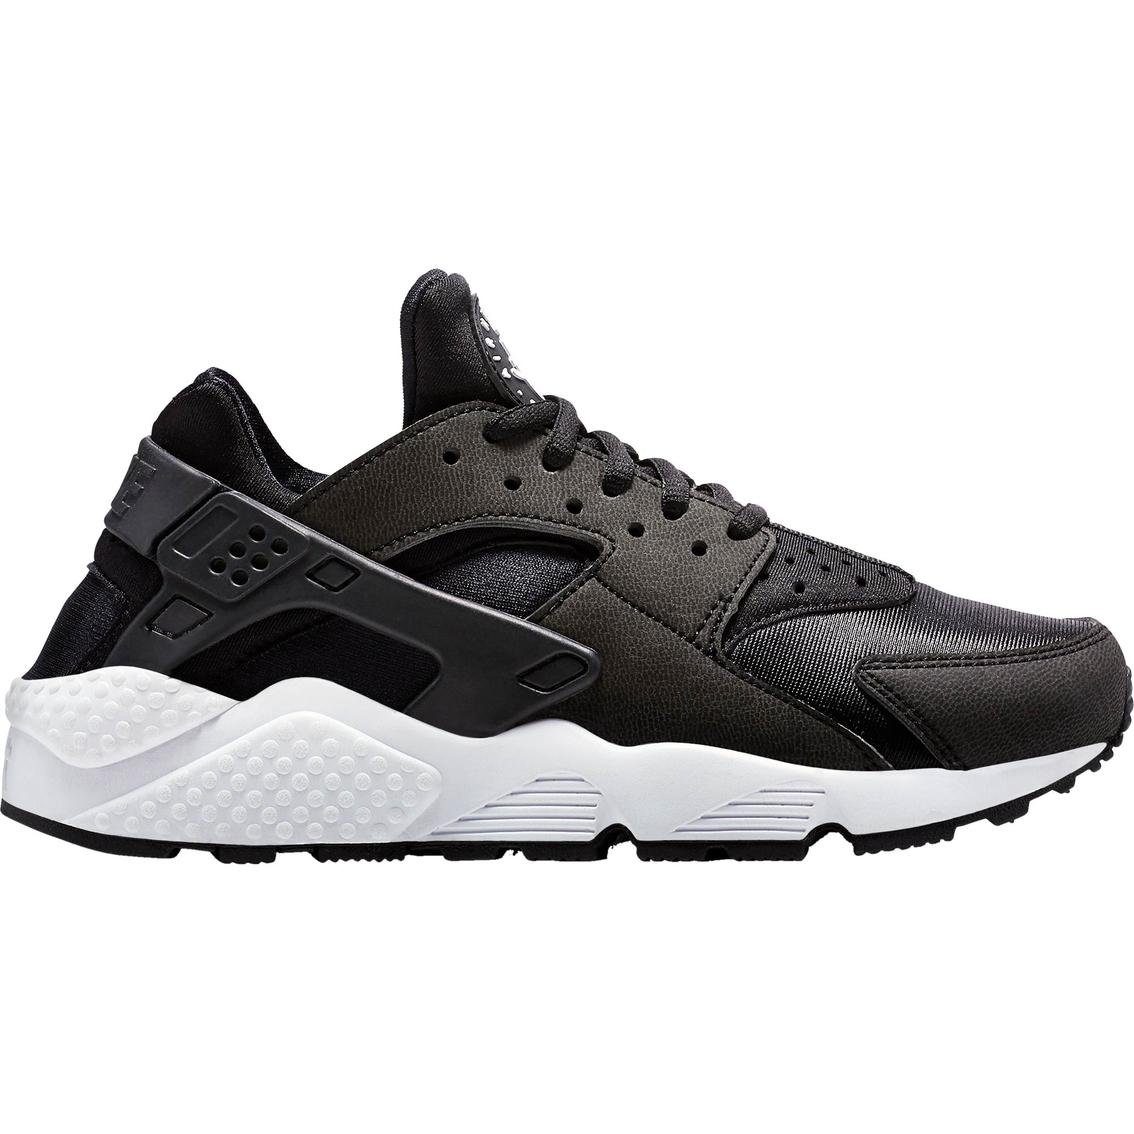 1cde62c4fe49 Nike Women s Air Huarache Run Shoes